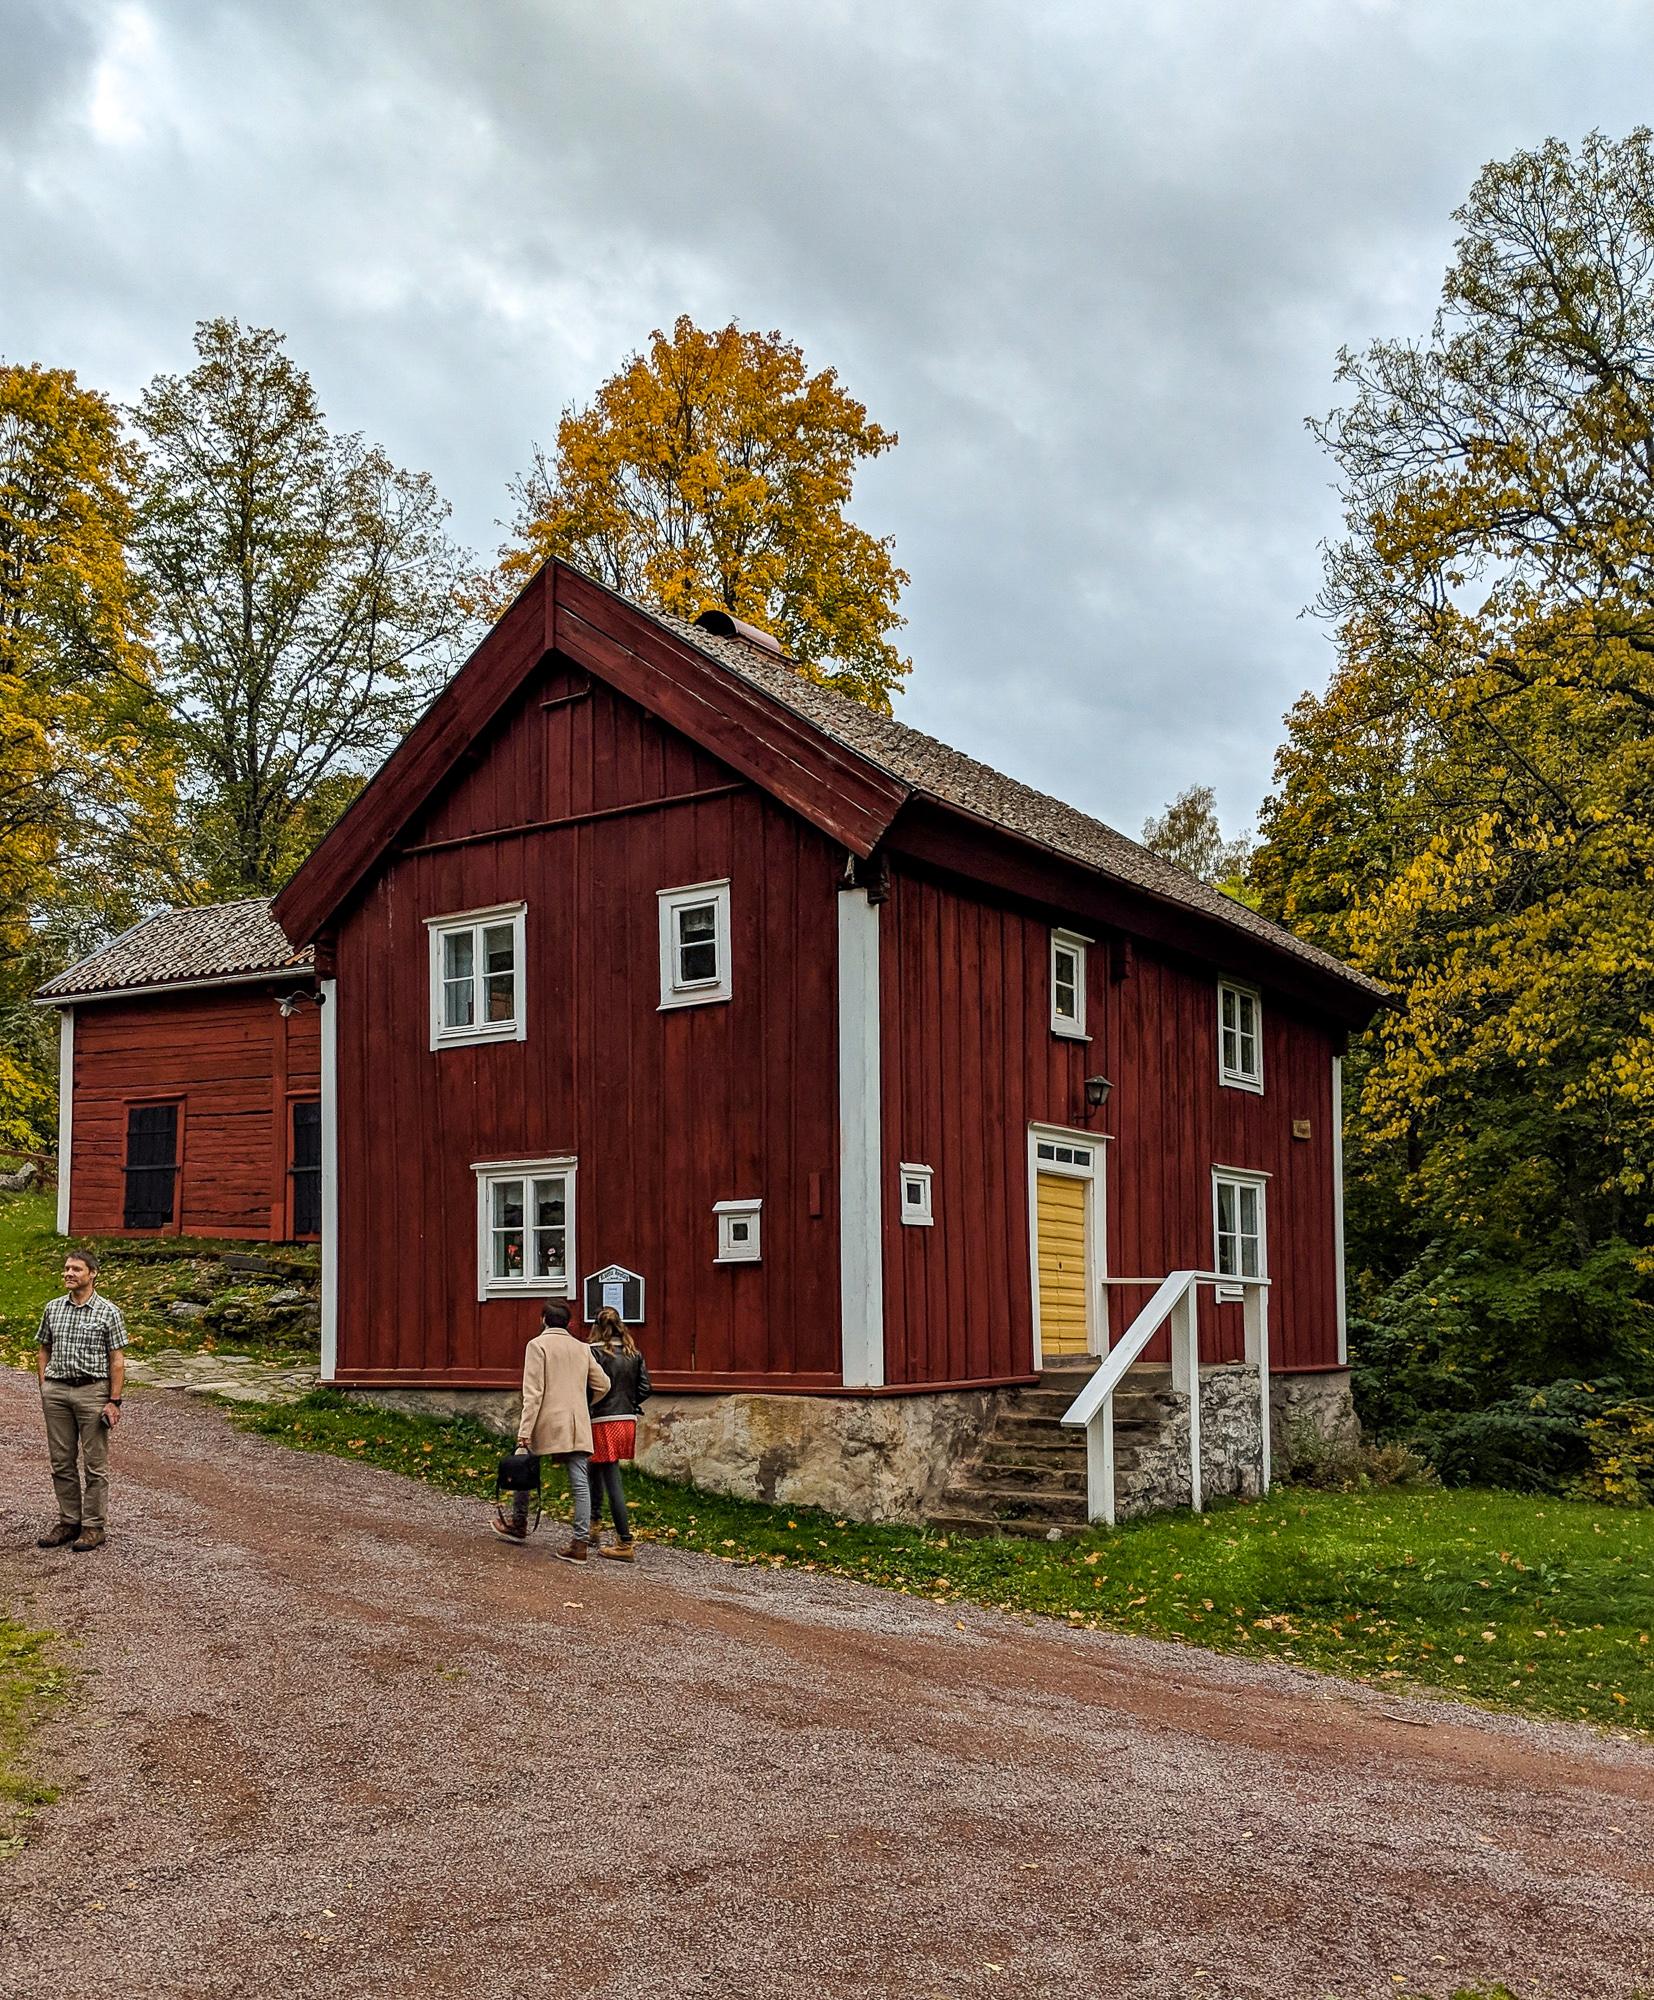 Röttle village